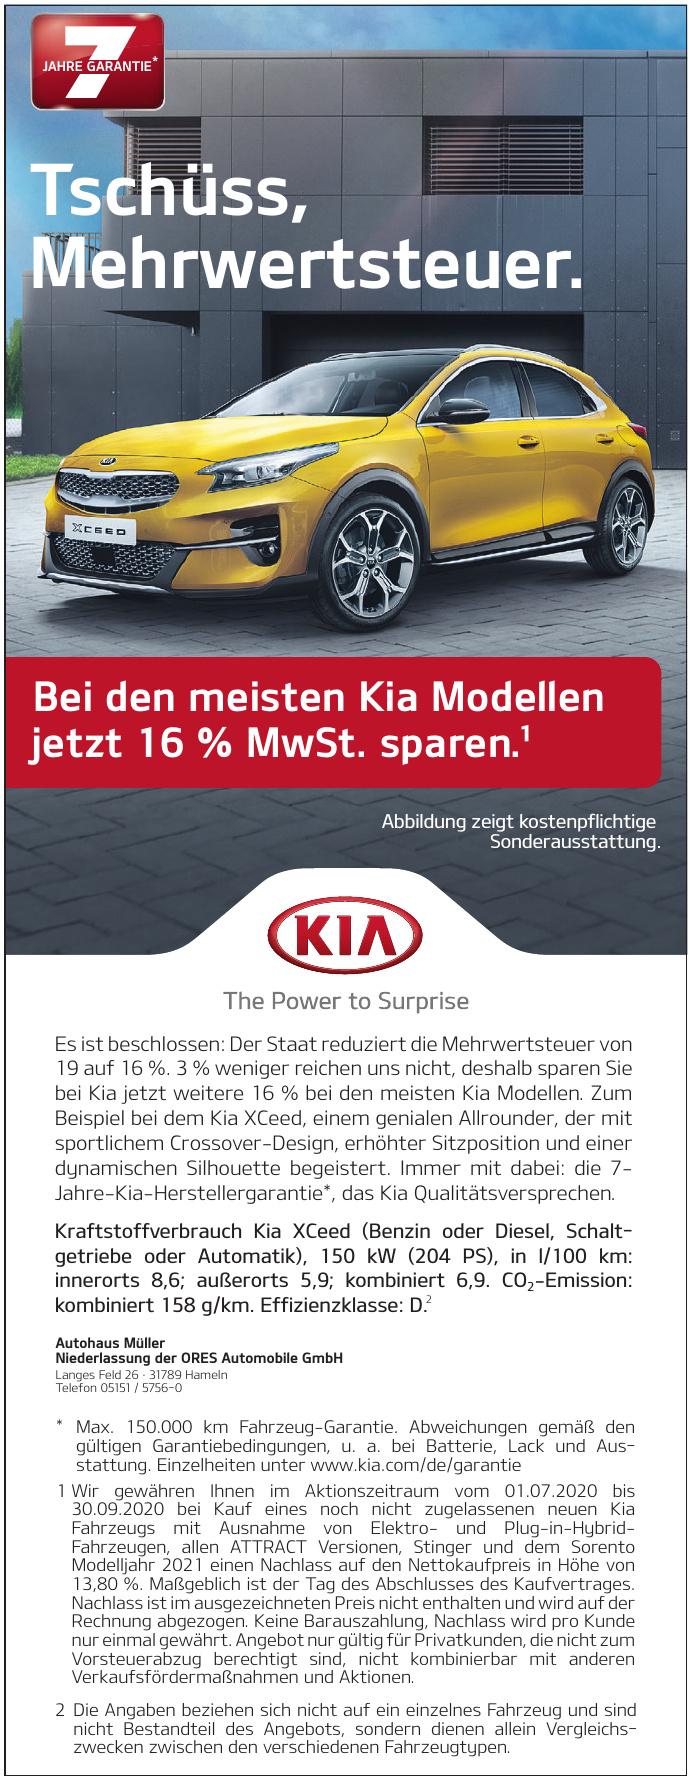 Autohaus Müller Niederlassung der ORES Automobile GmbH